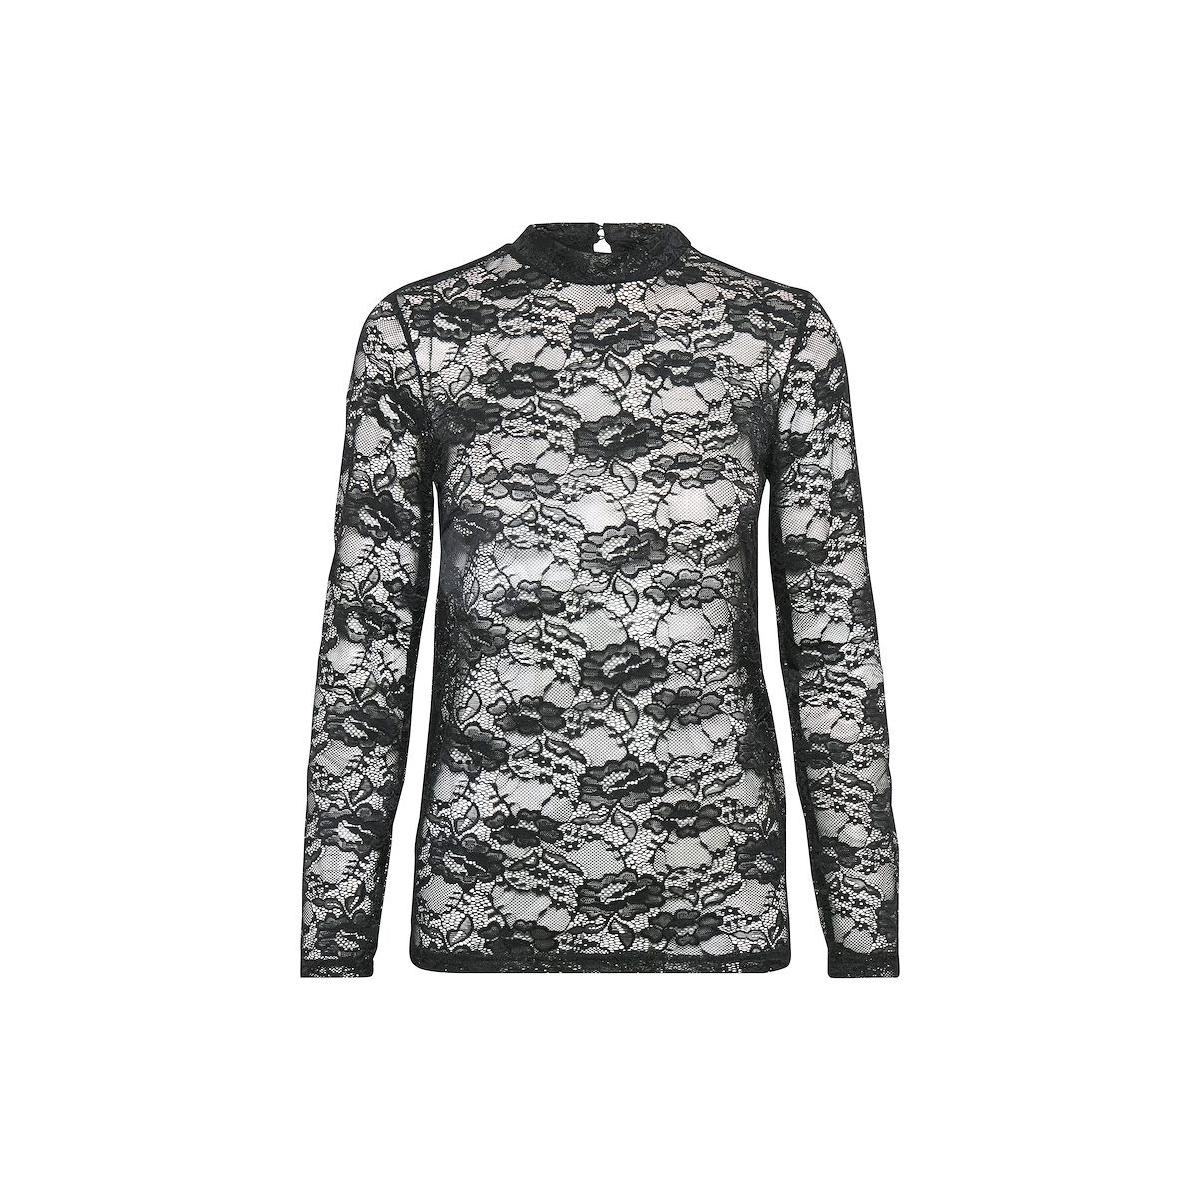 p1588 saint tropez t-shirt 0001